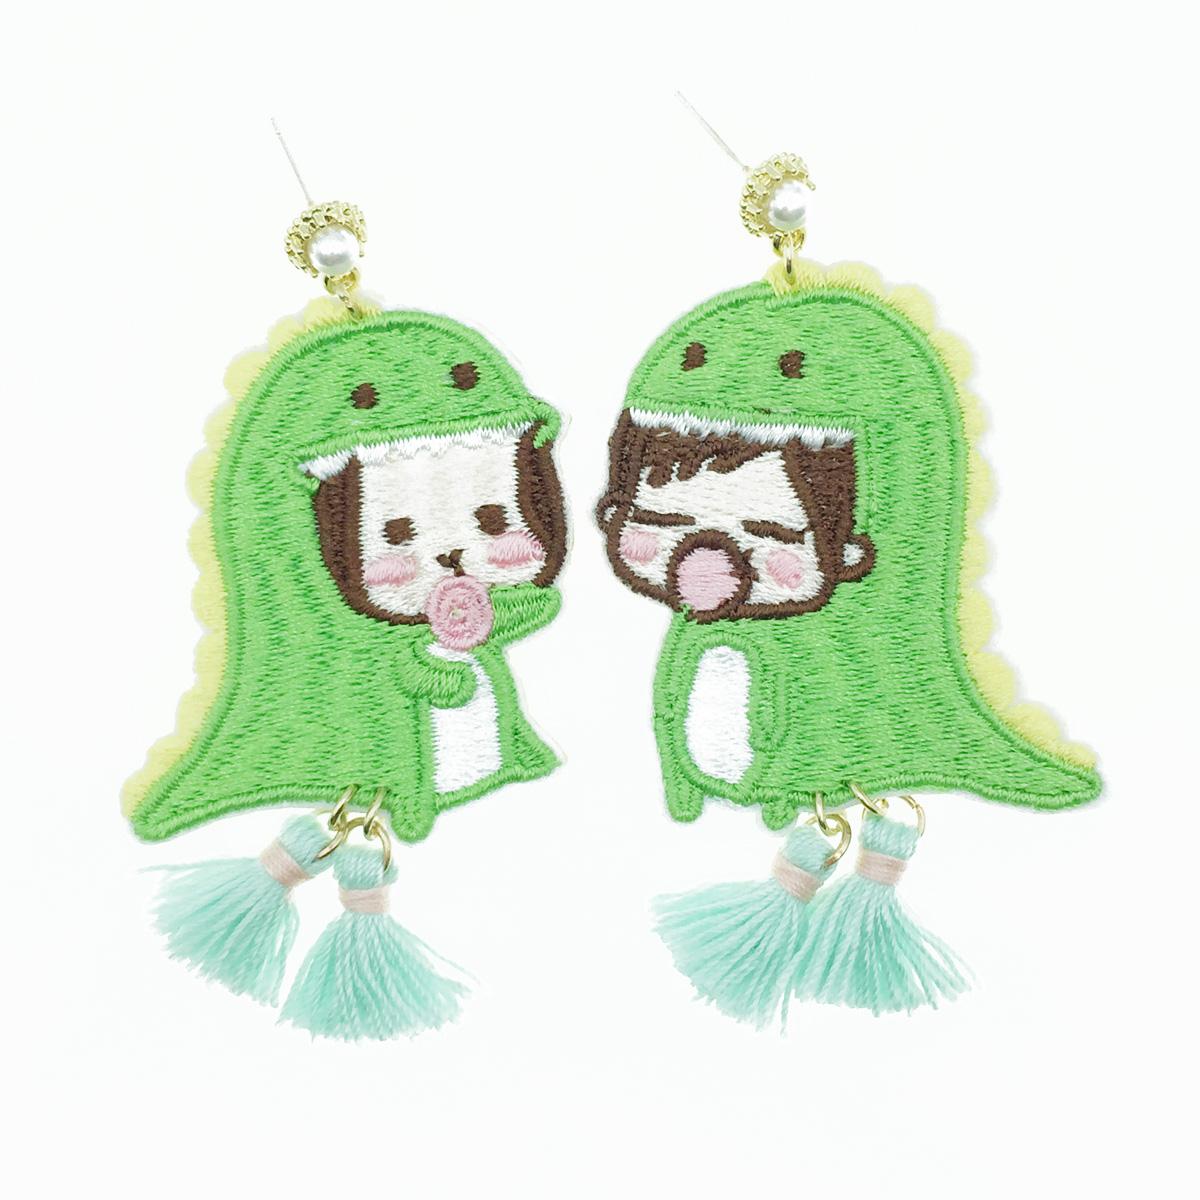 韓國 925純銀 燙布貼 恐龍裝扮 珍珠流蘇 垂墜感 耳針式耳環